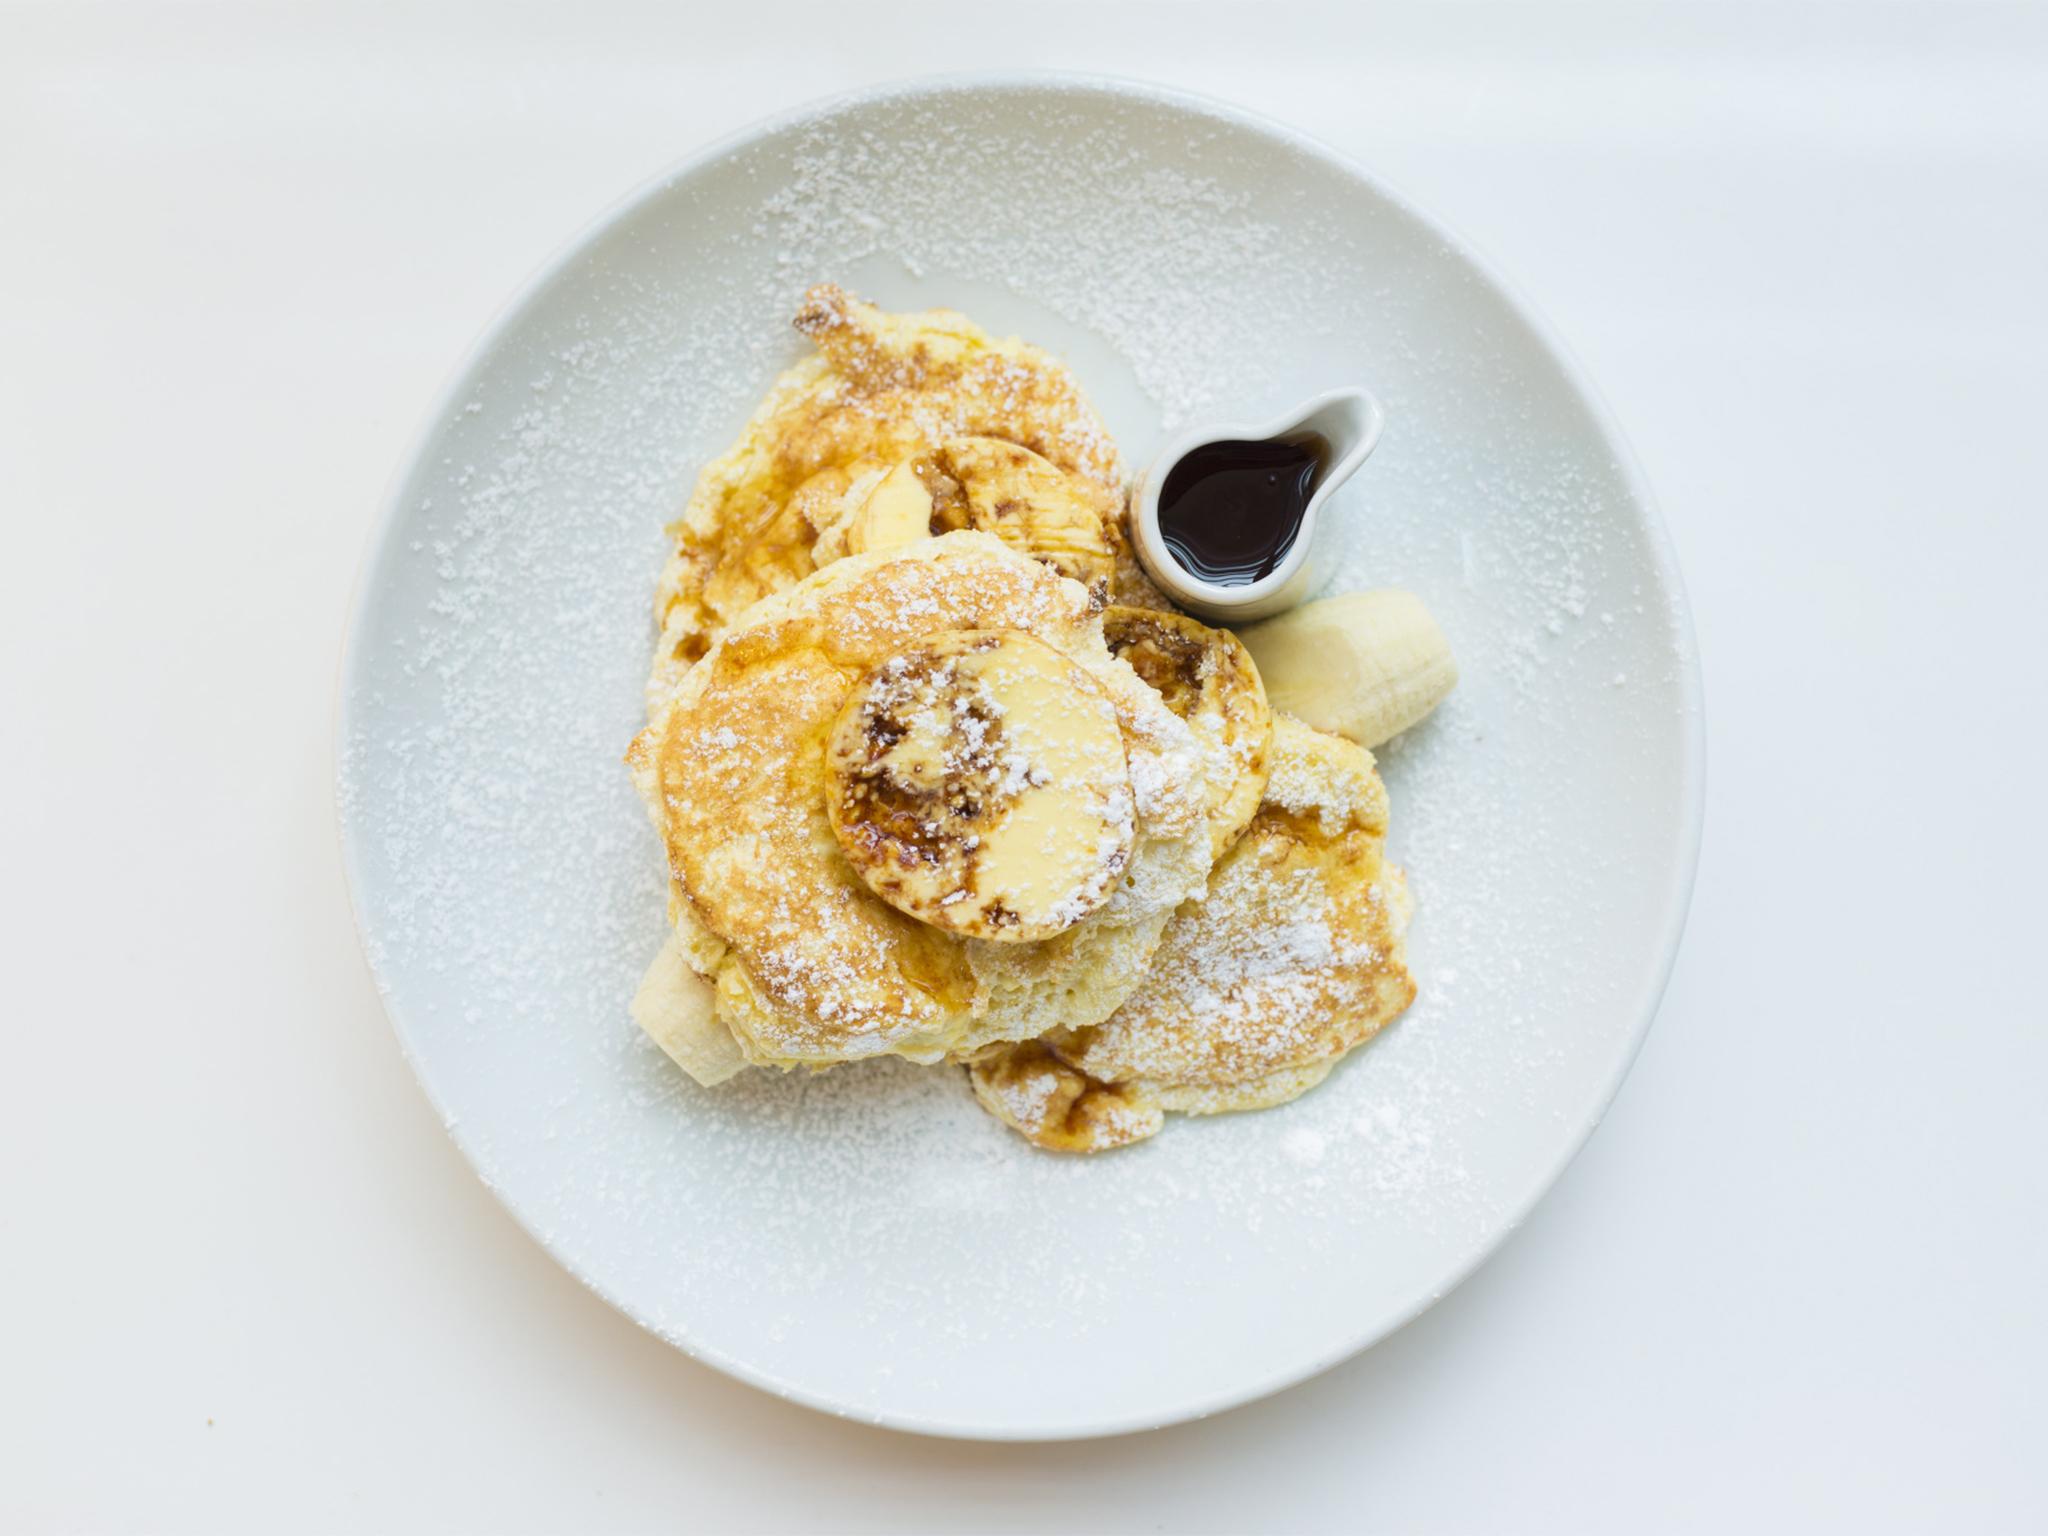 Ricotta hotcakes at Granger & Co